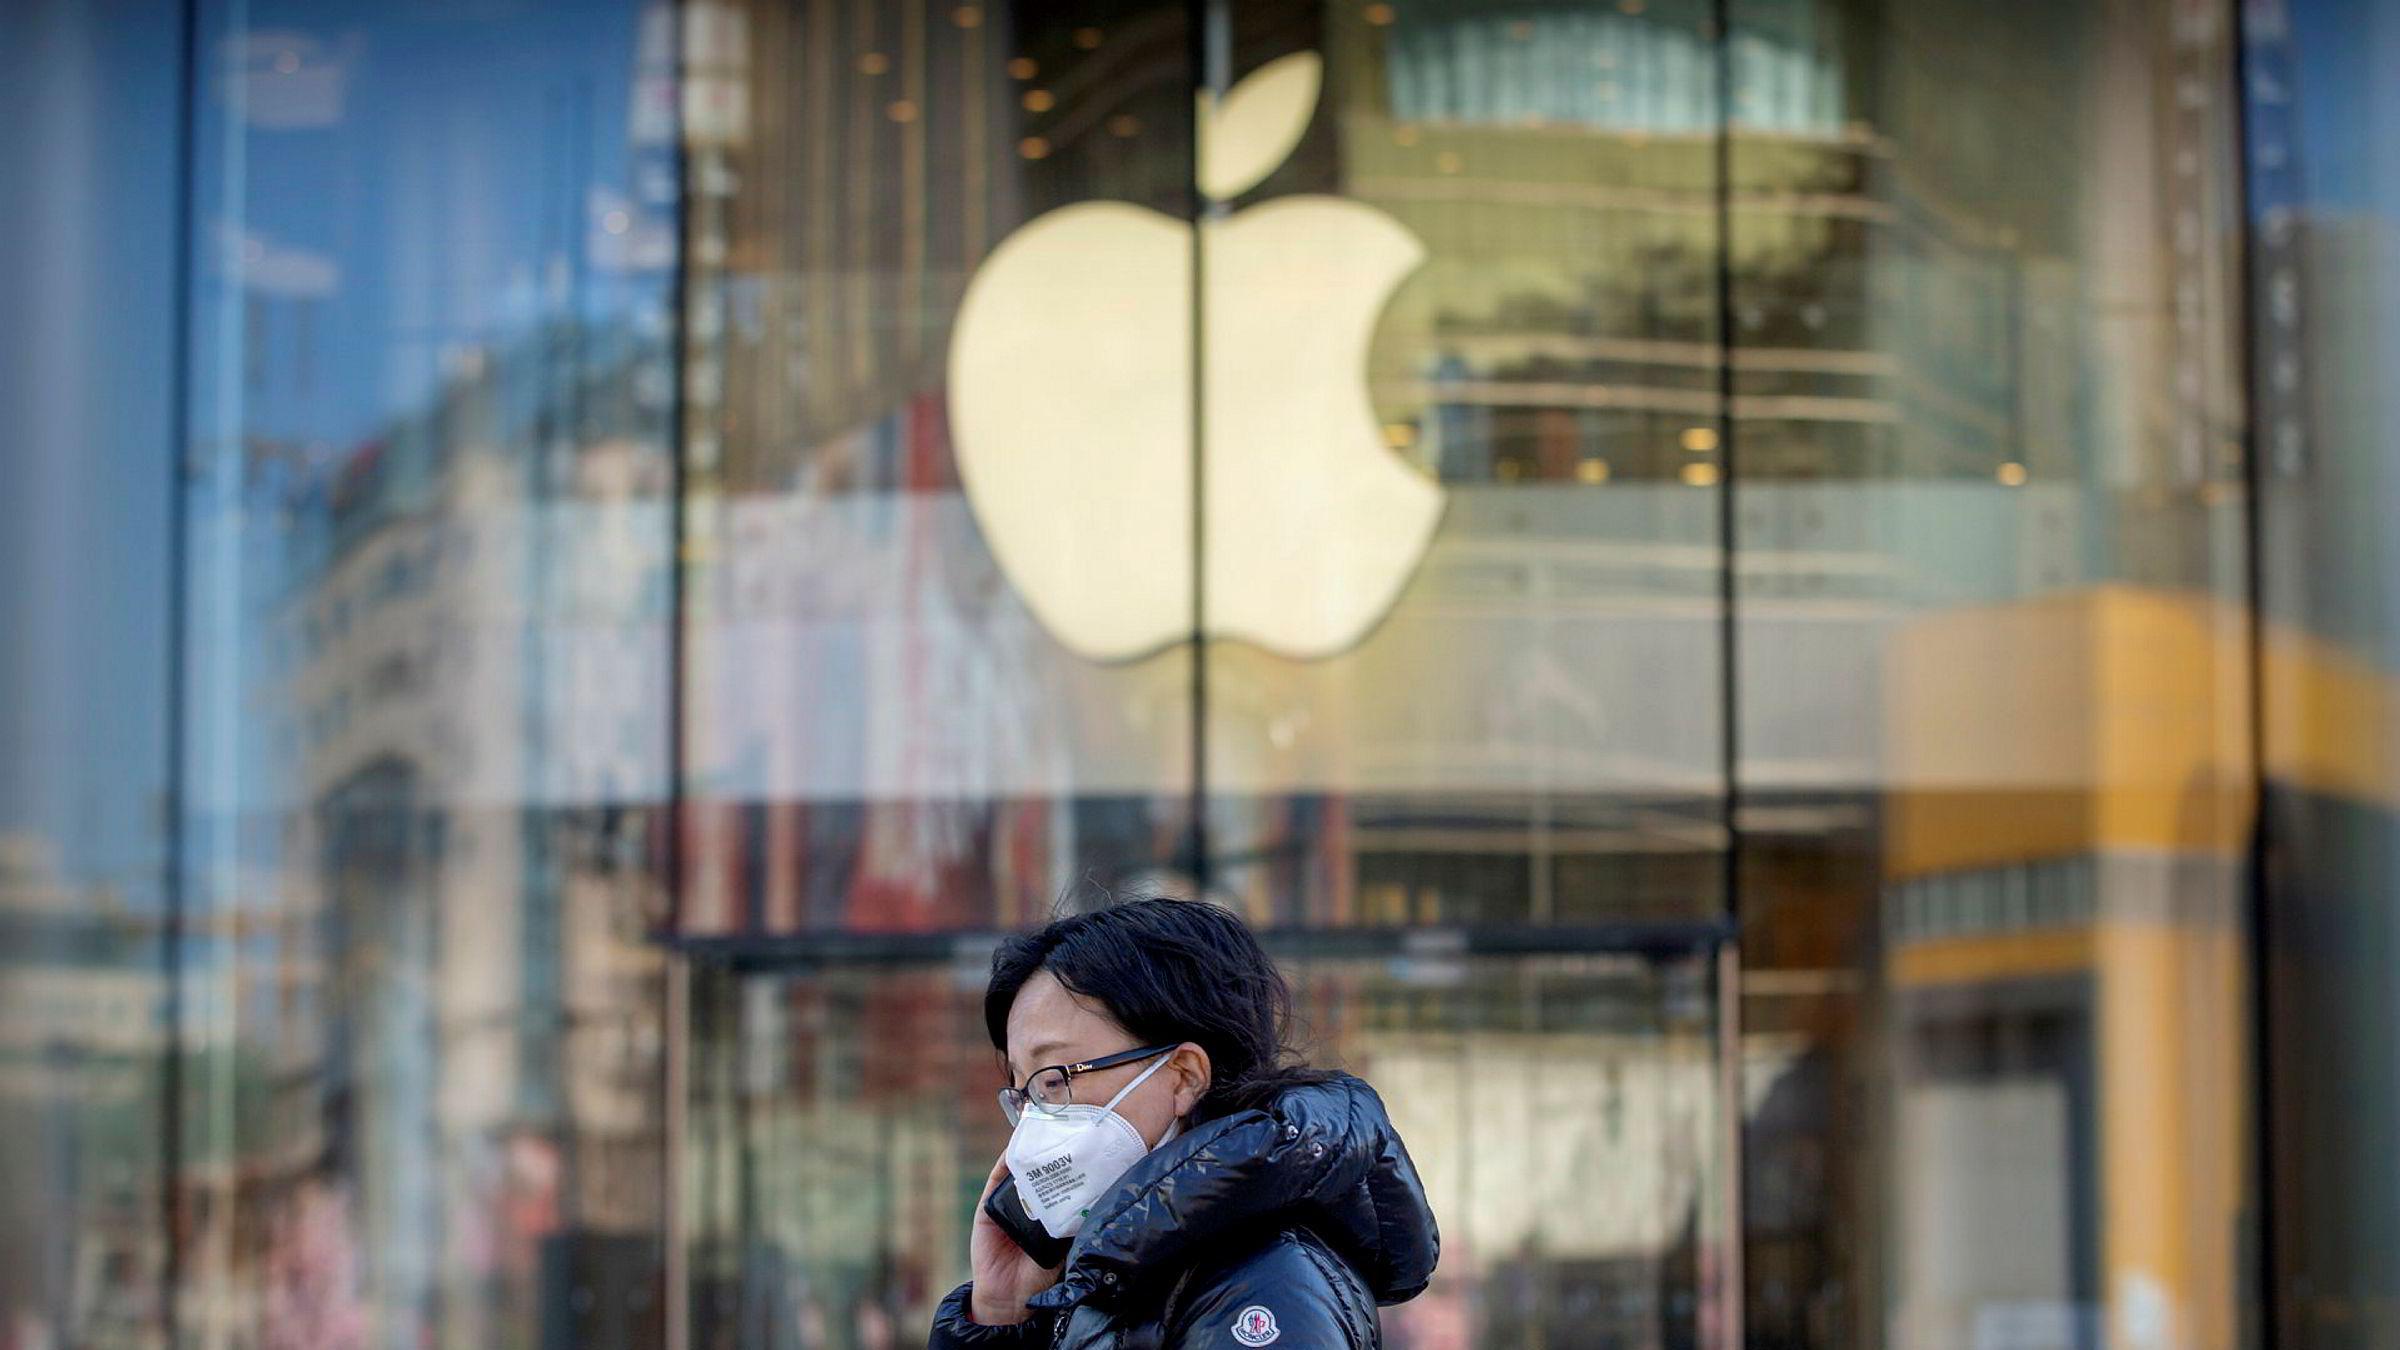 En kvinne med ansiktsmaske passerer en av Beijings Apple-butikker. De er midlertidig stengt på grunn av virusutbruddet.